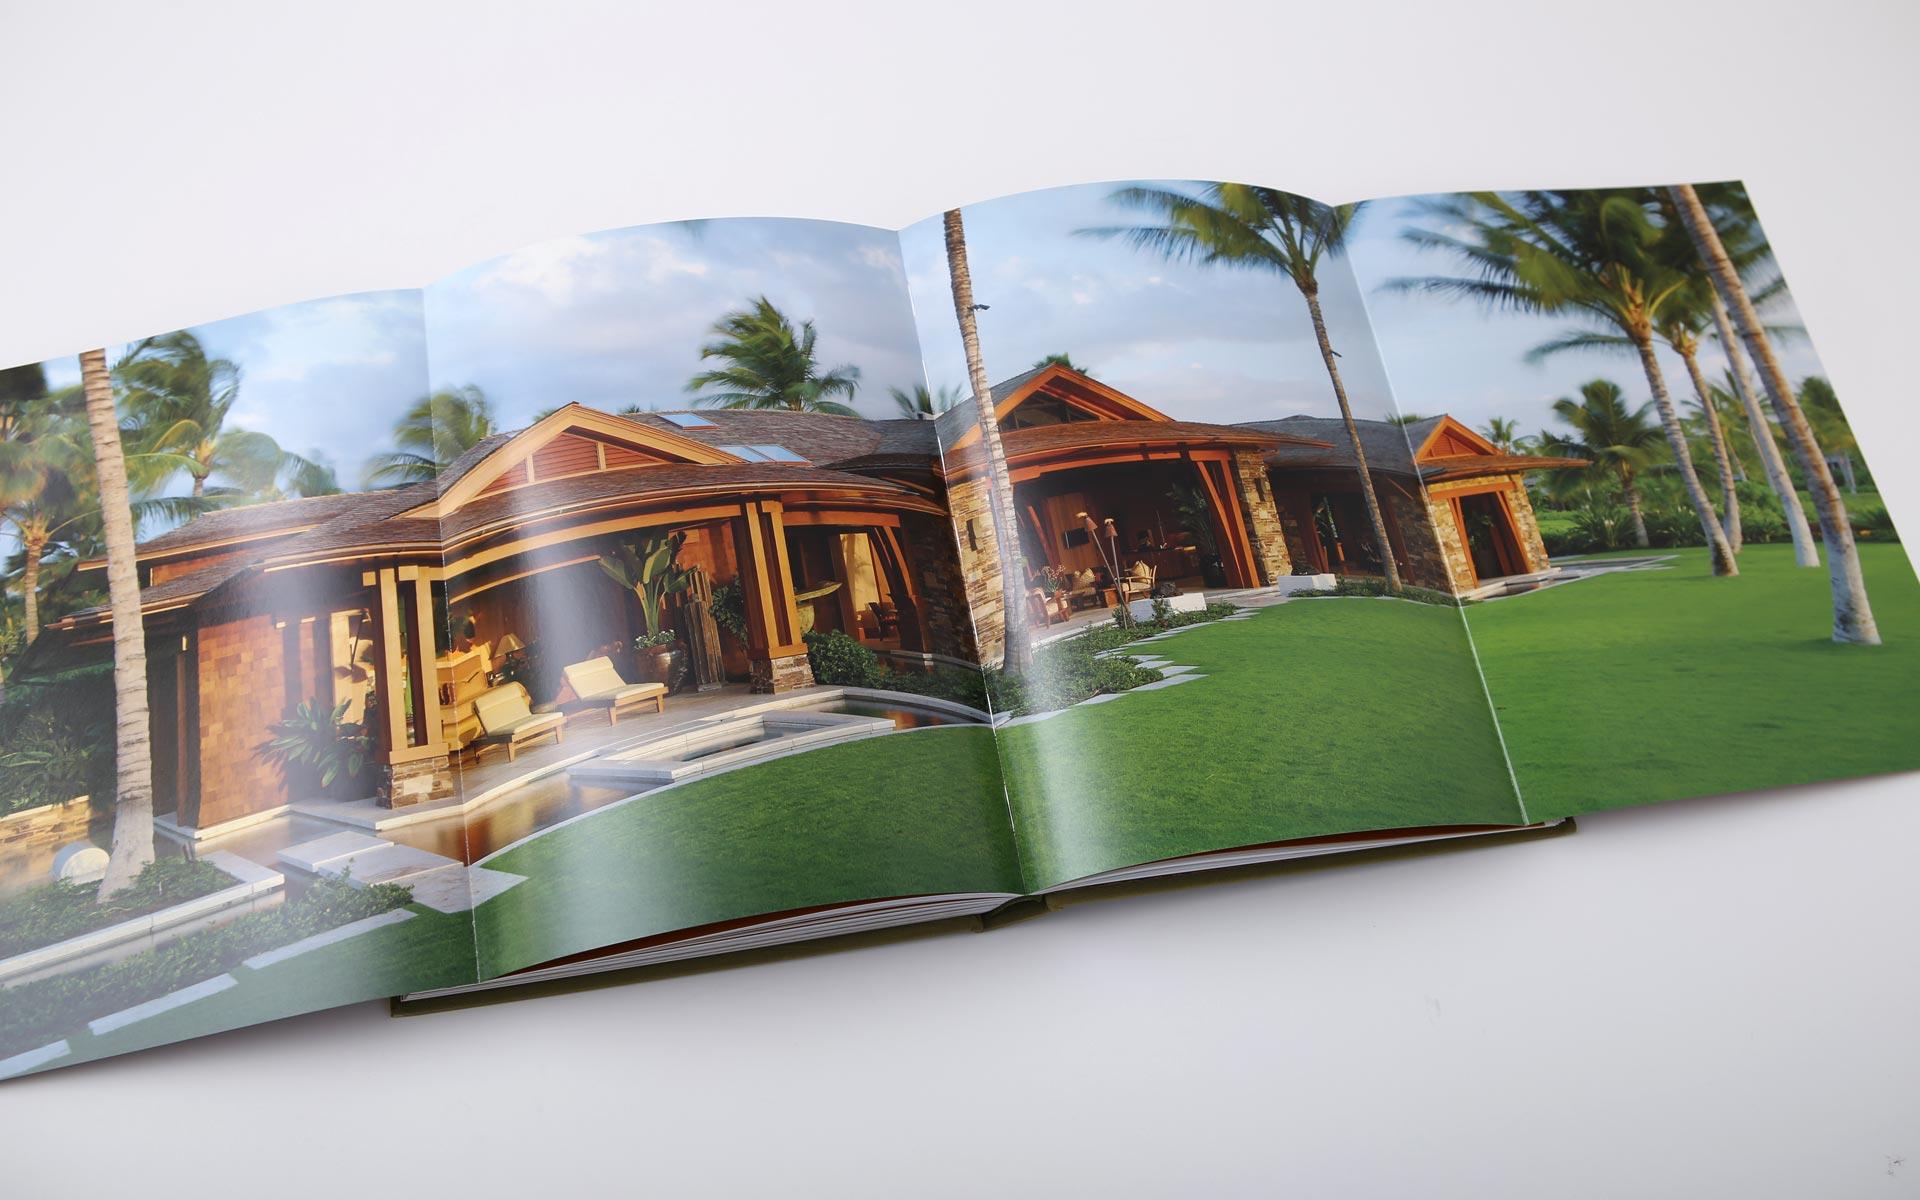 tropical-architecture-book-design-8